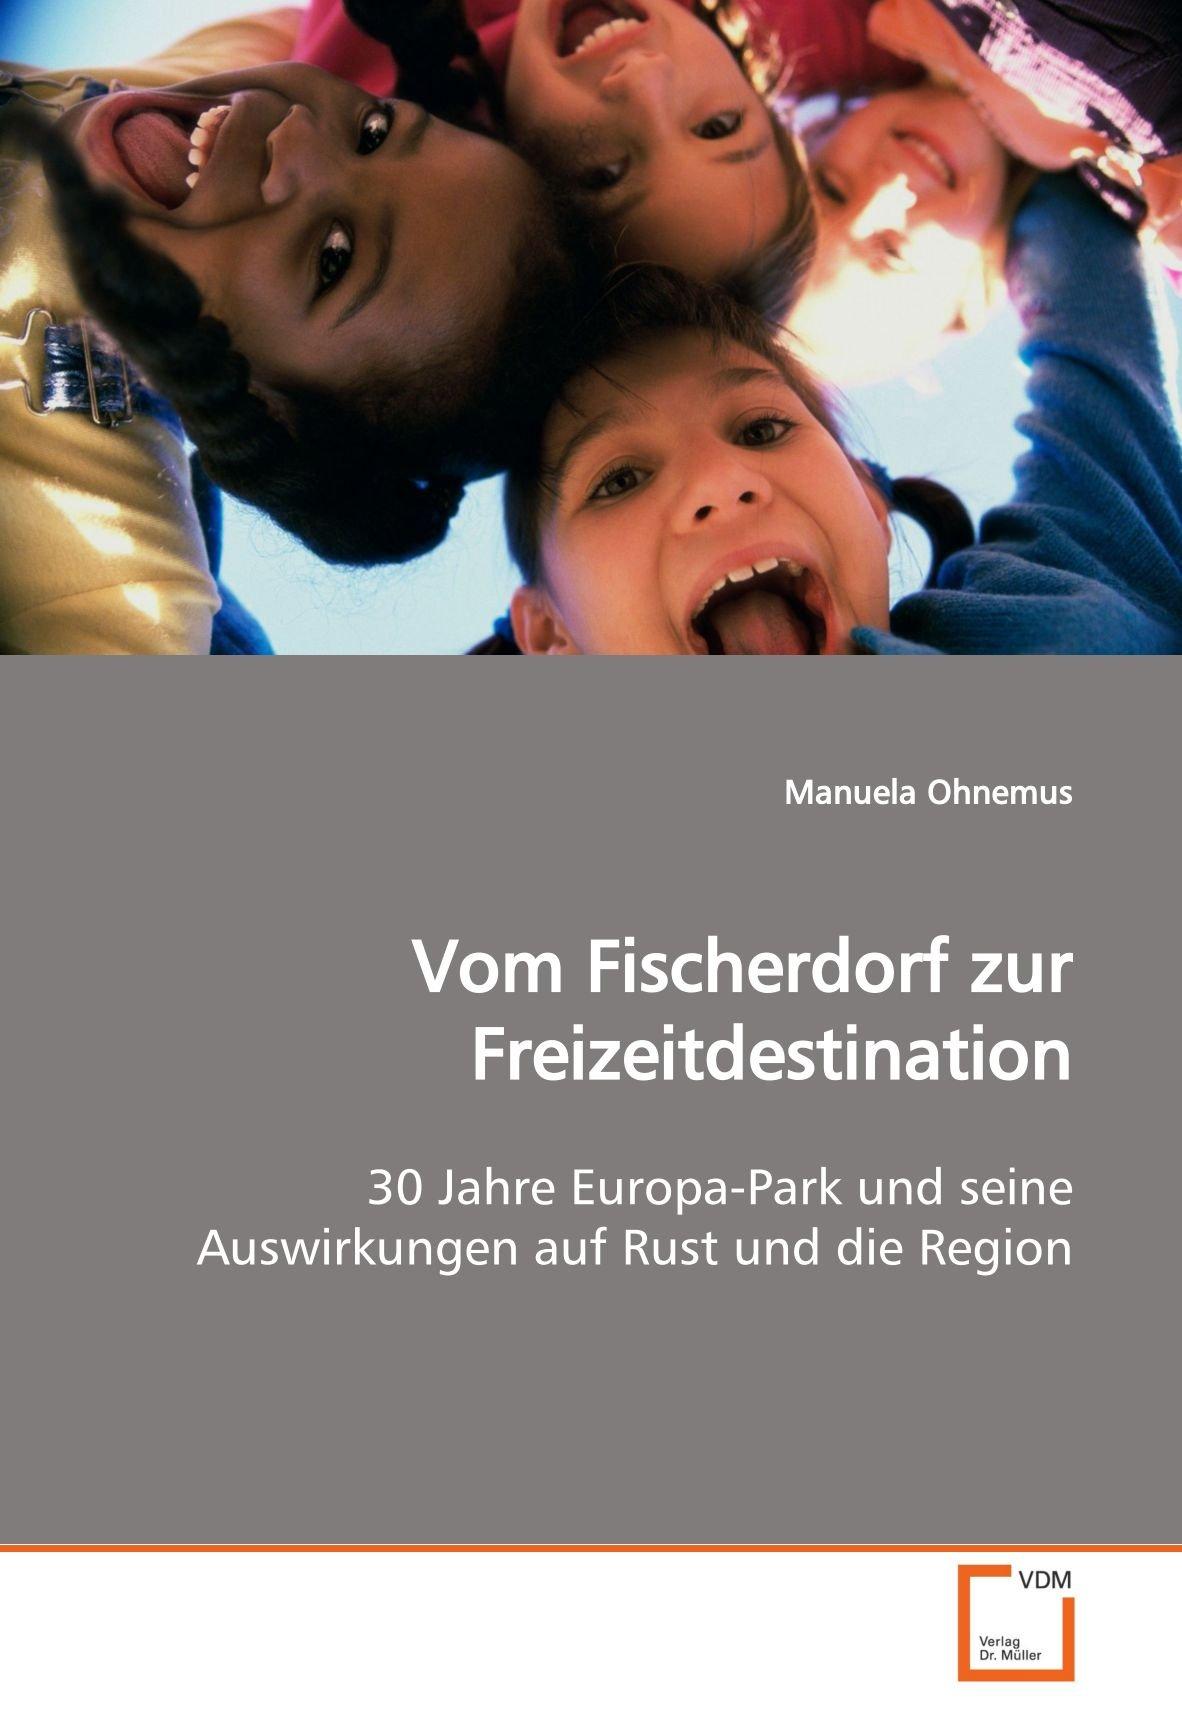 Vom Fischerdorf zur Freizeitdestination: 30 Jahre Europa-Park und seine Auswirkungen auf Rust und die Region